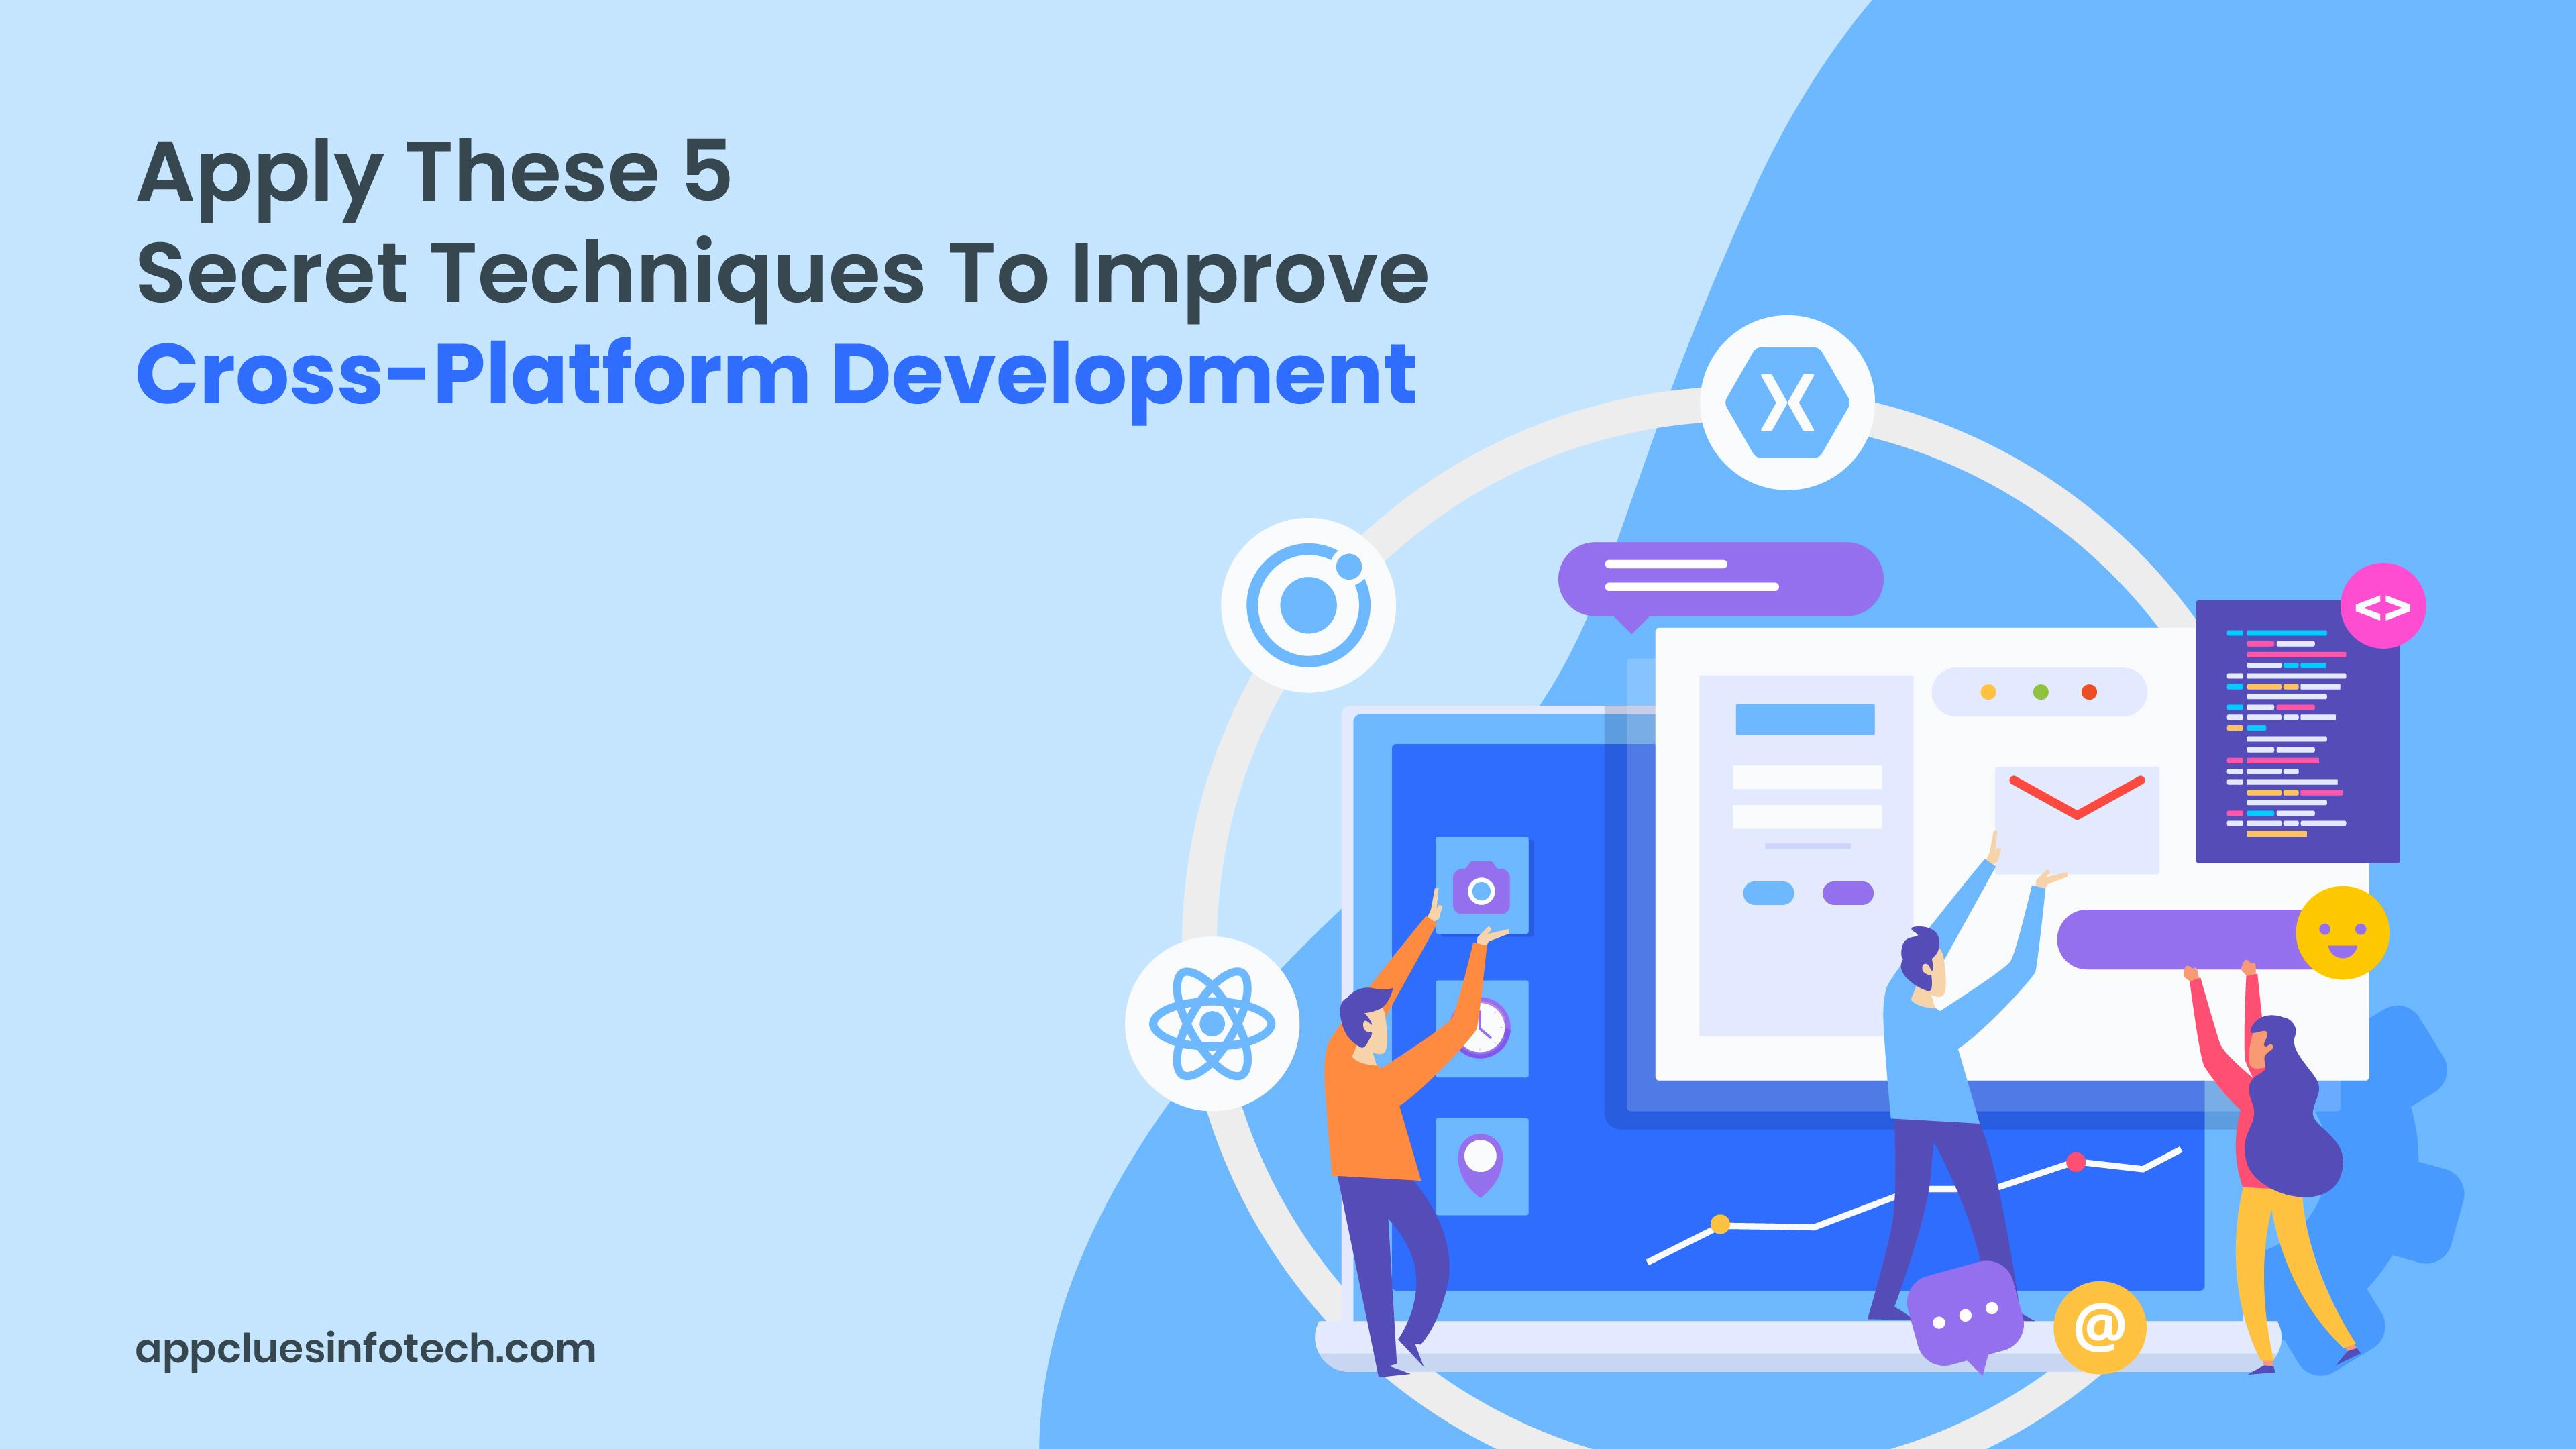 5 Secret Techniques For Cross-Platform Development